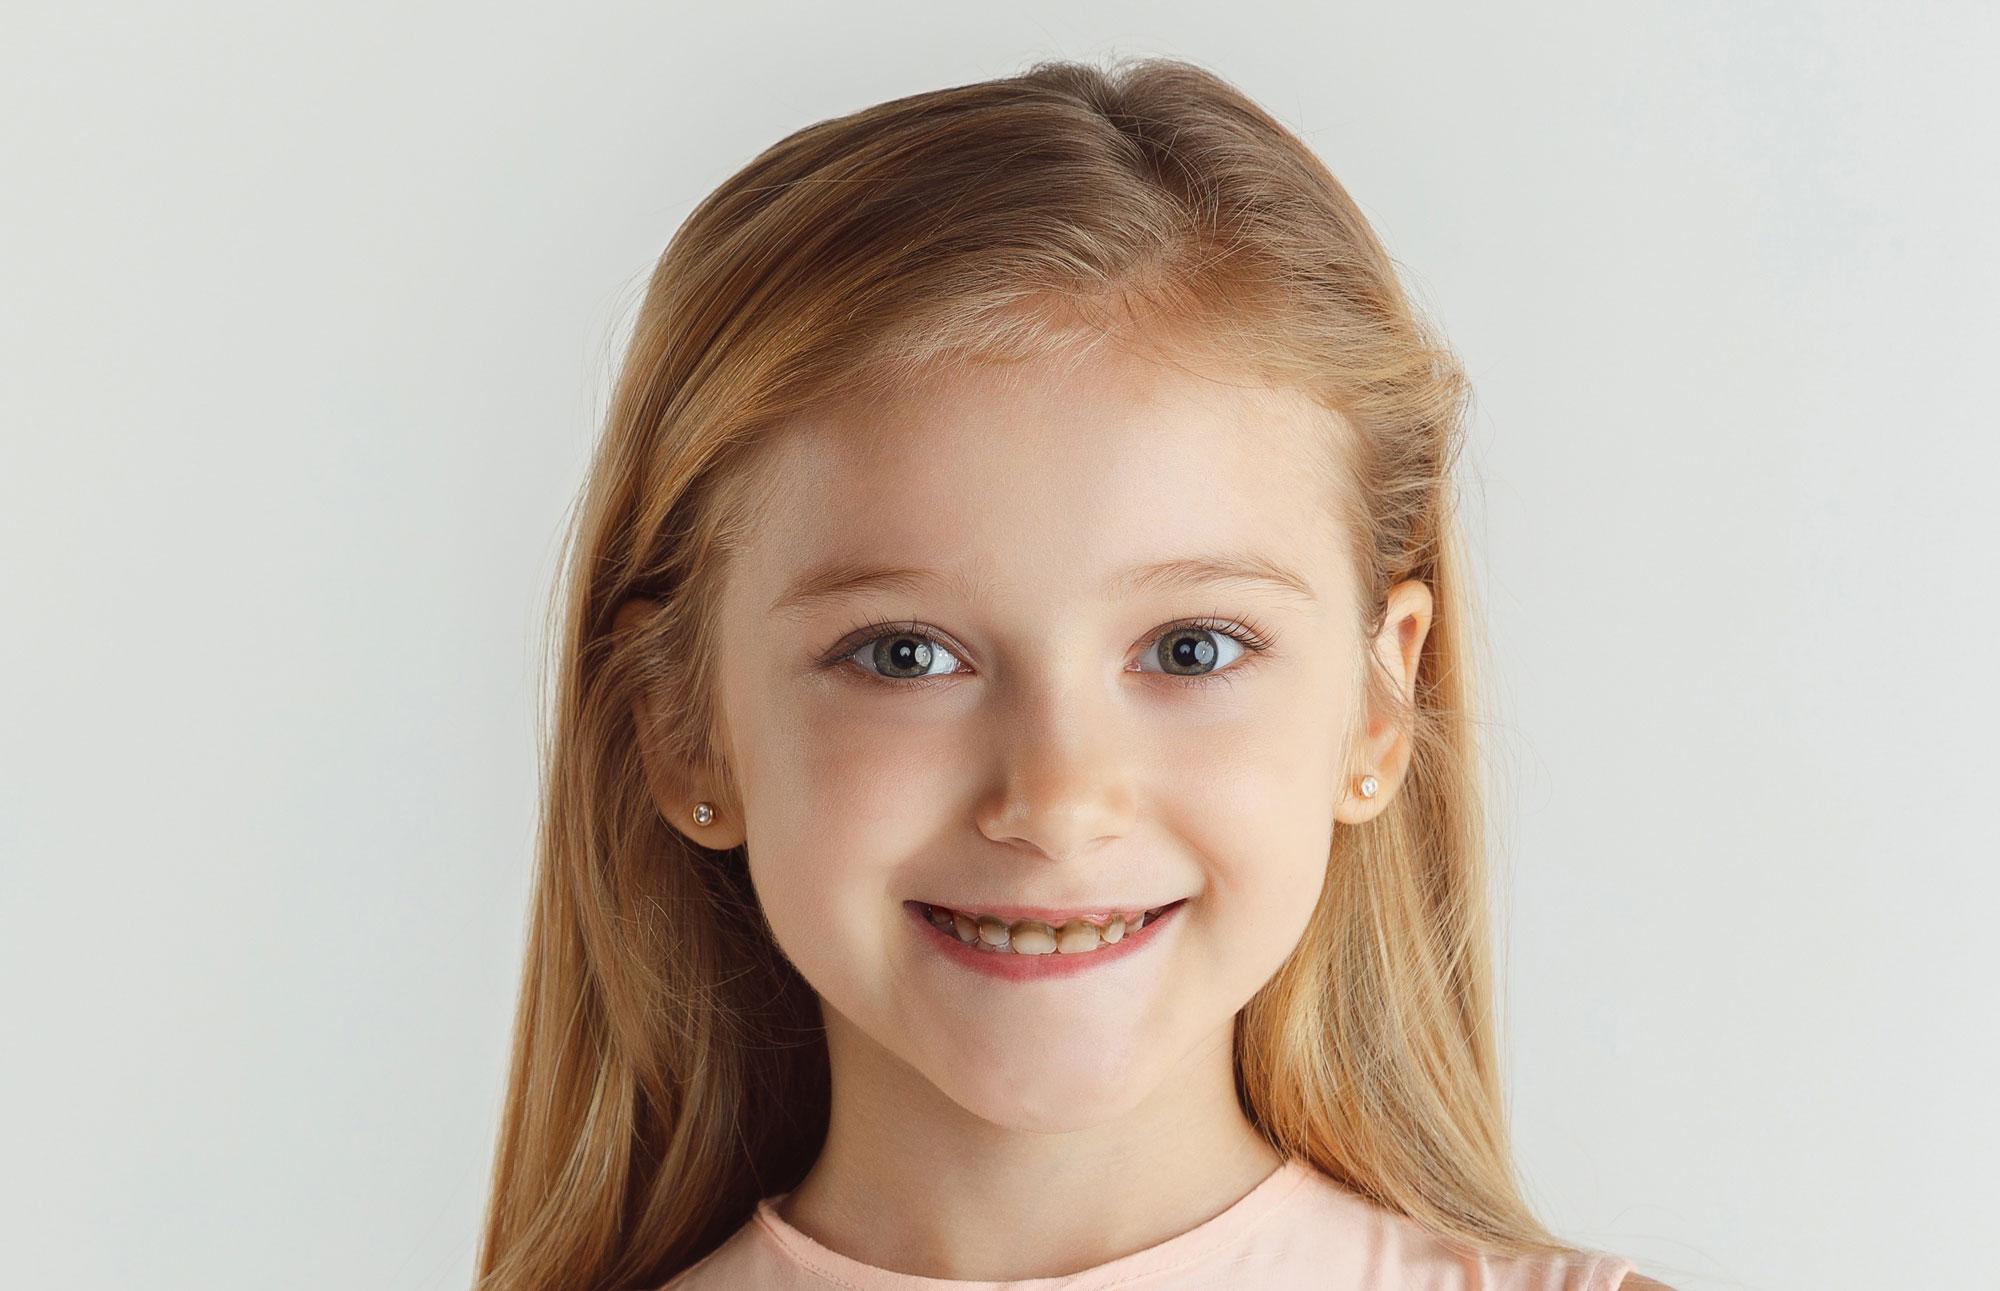 دختر خندان با دندان های سیاه